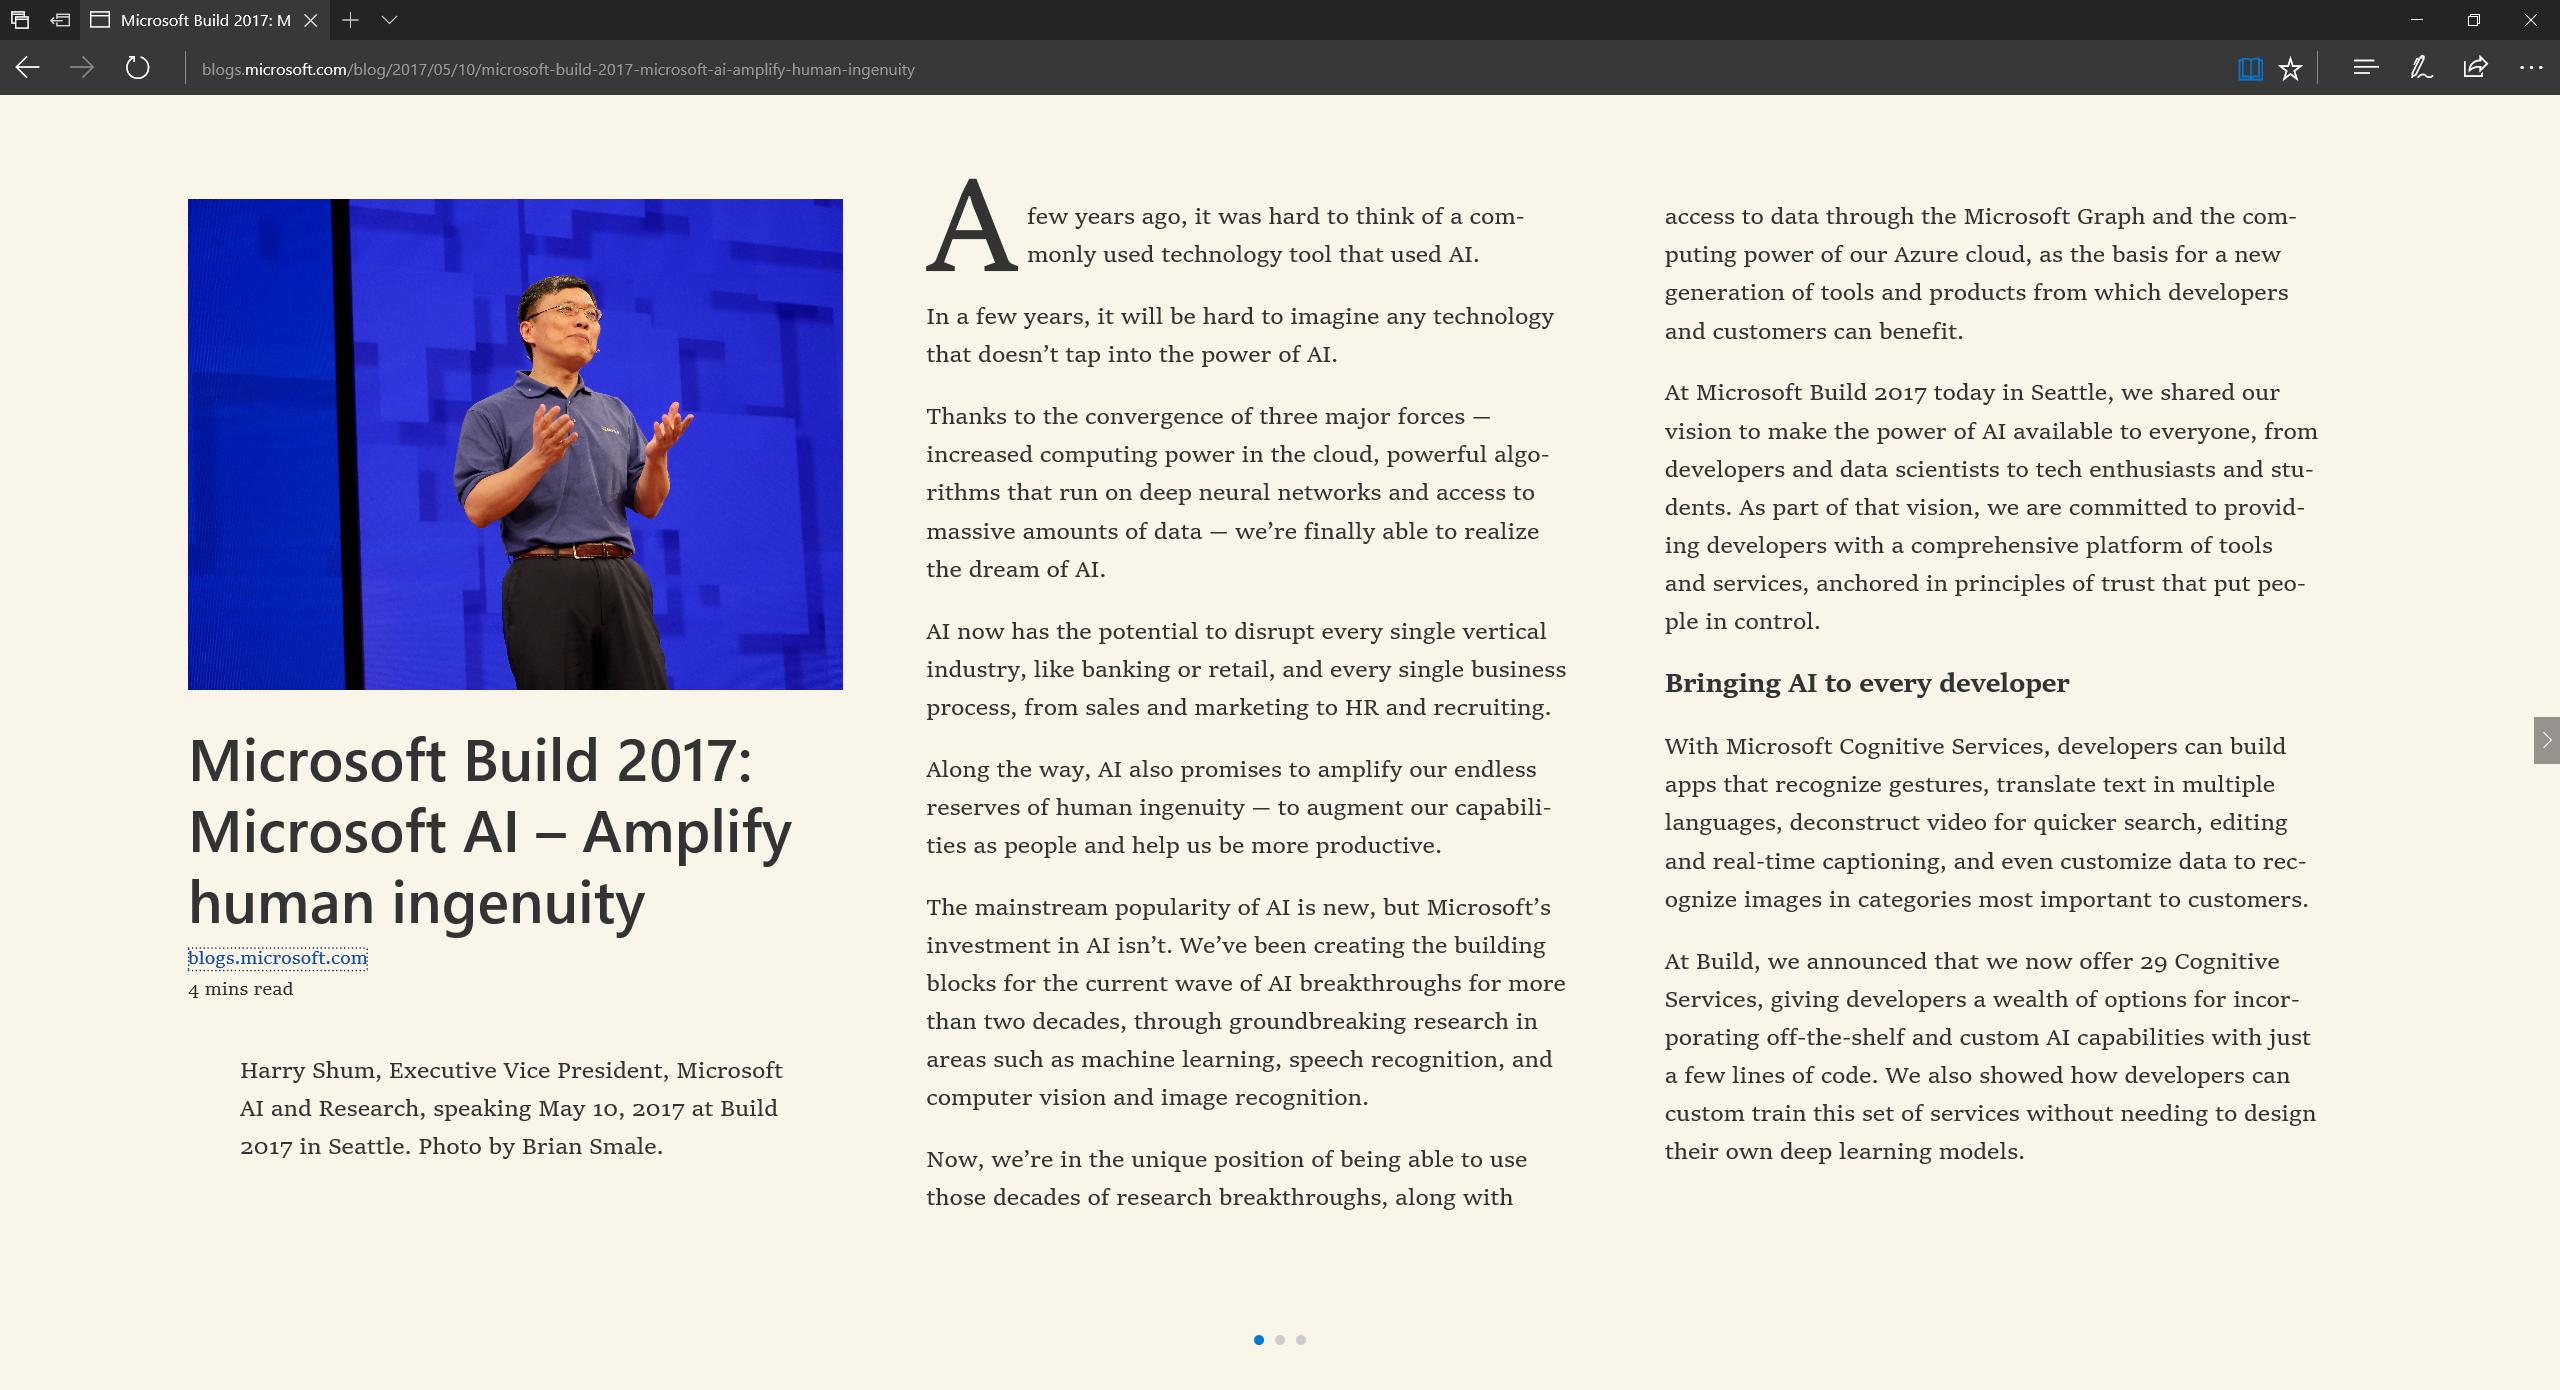 人工智能背景下的Office 365现状和发展趋势详解